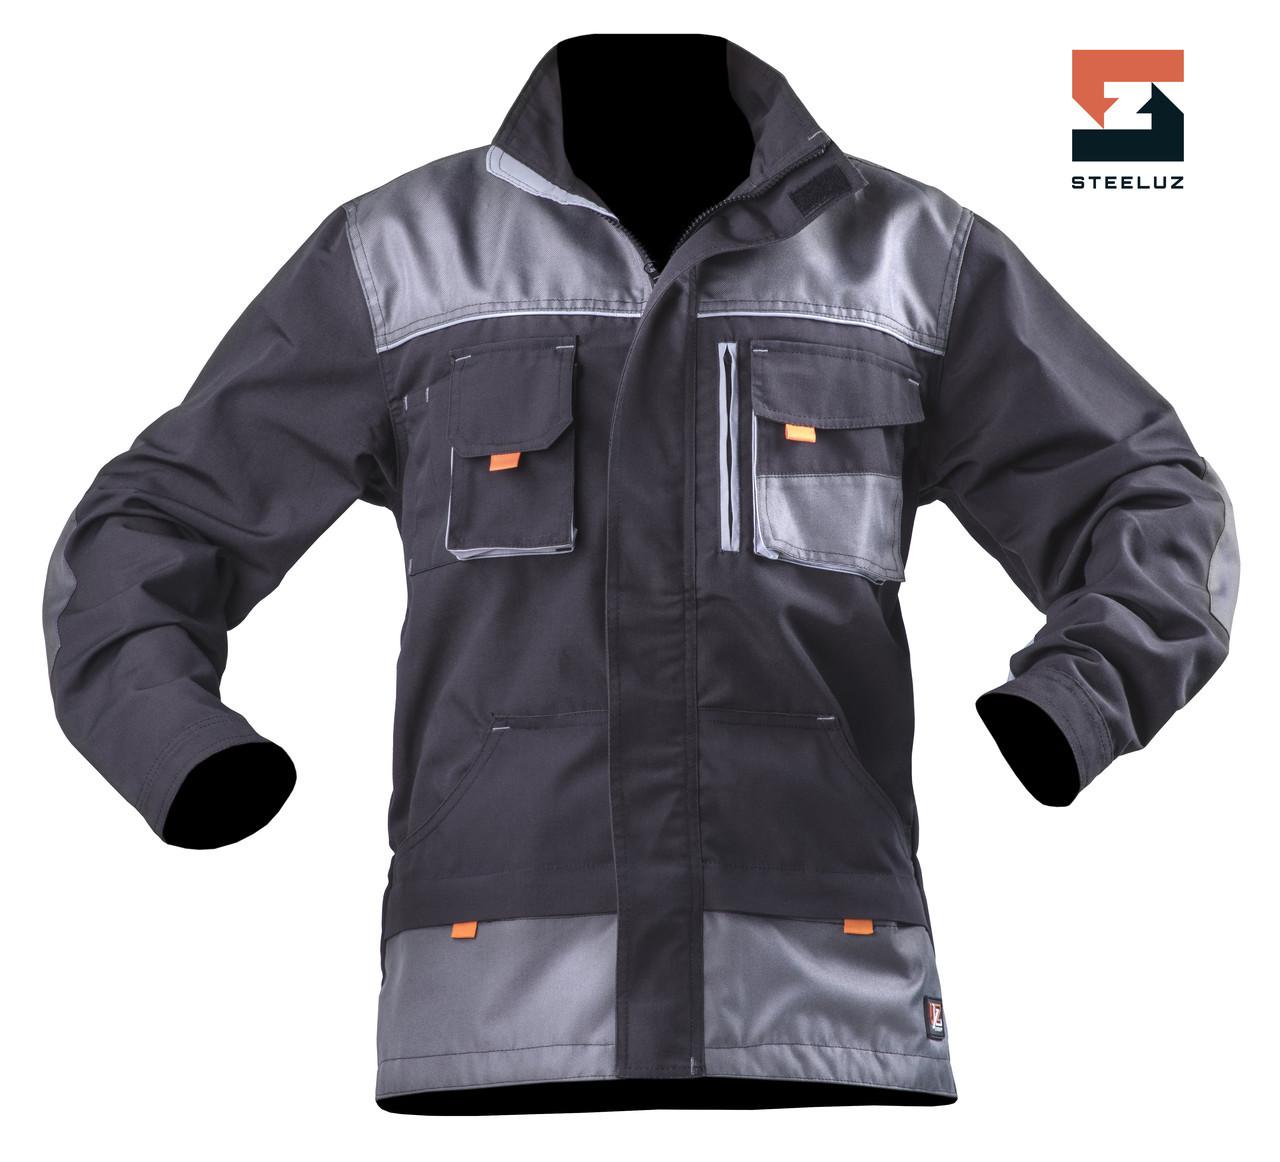 Чоловіча куртка робоча SteelUZ з світло-сірої обробкою